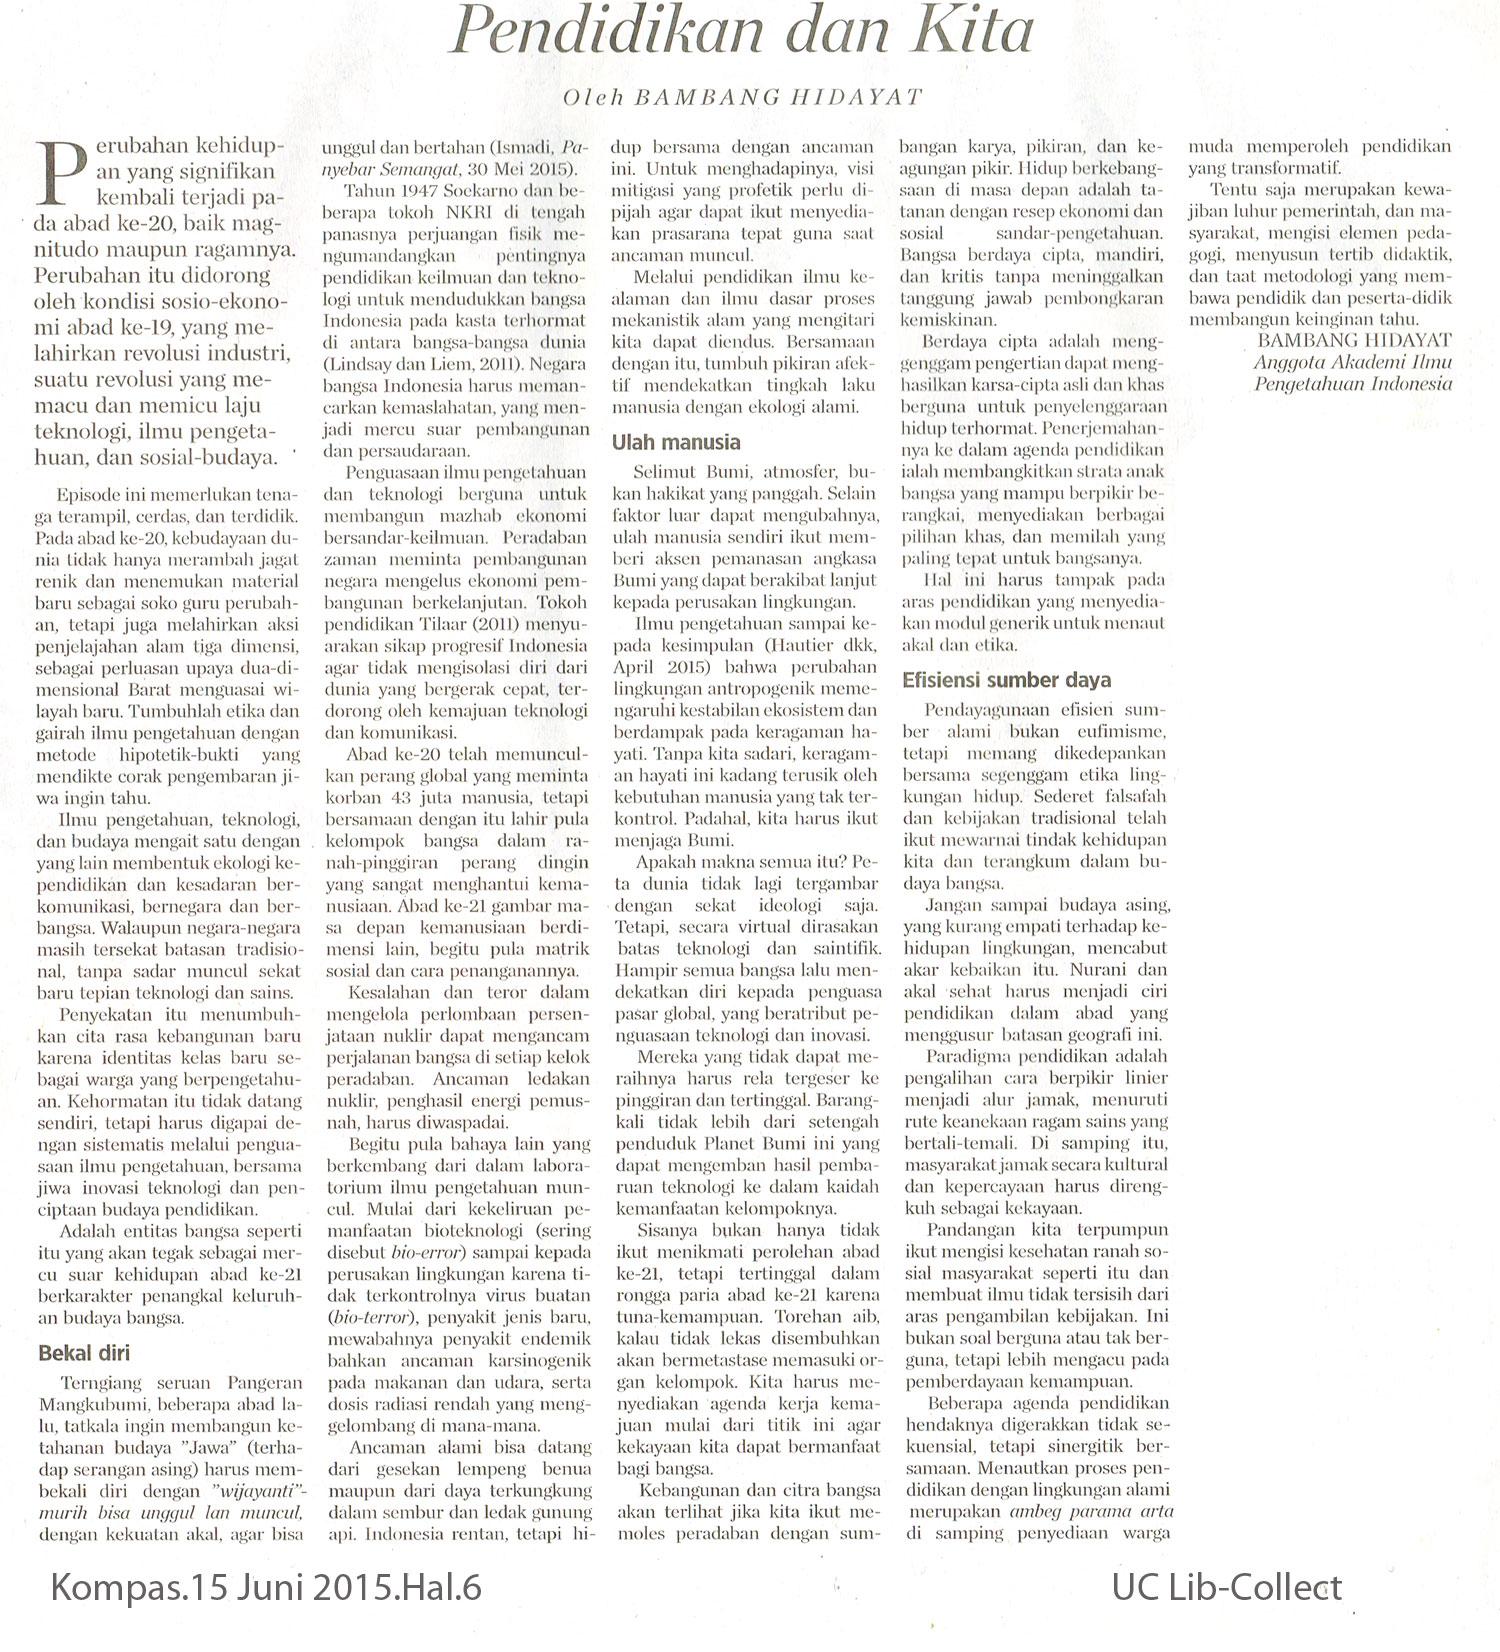 Pendidikan dan Kita. Kompas.15-Juni-2015.Hal.6